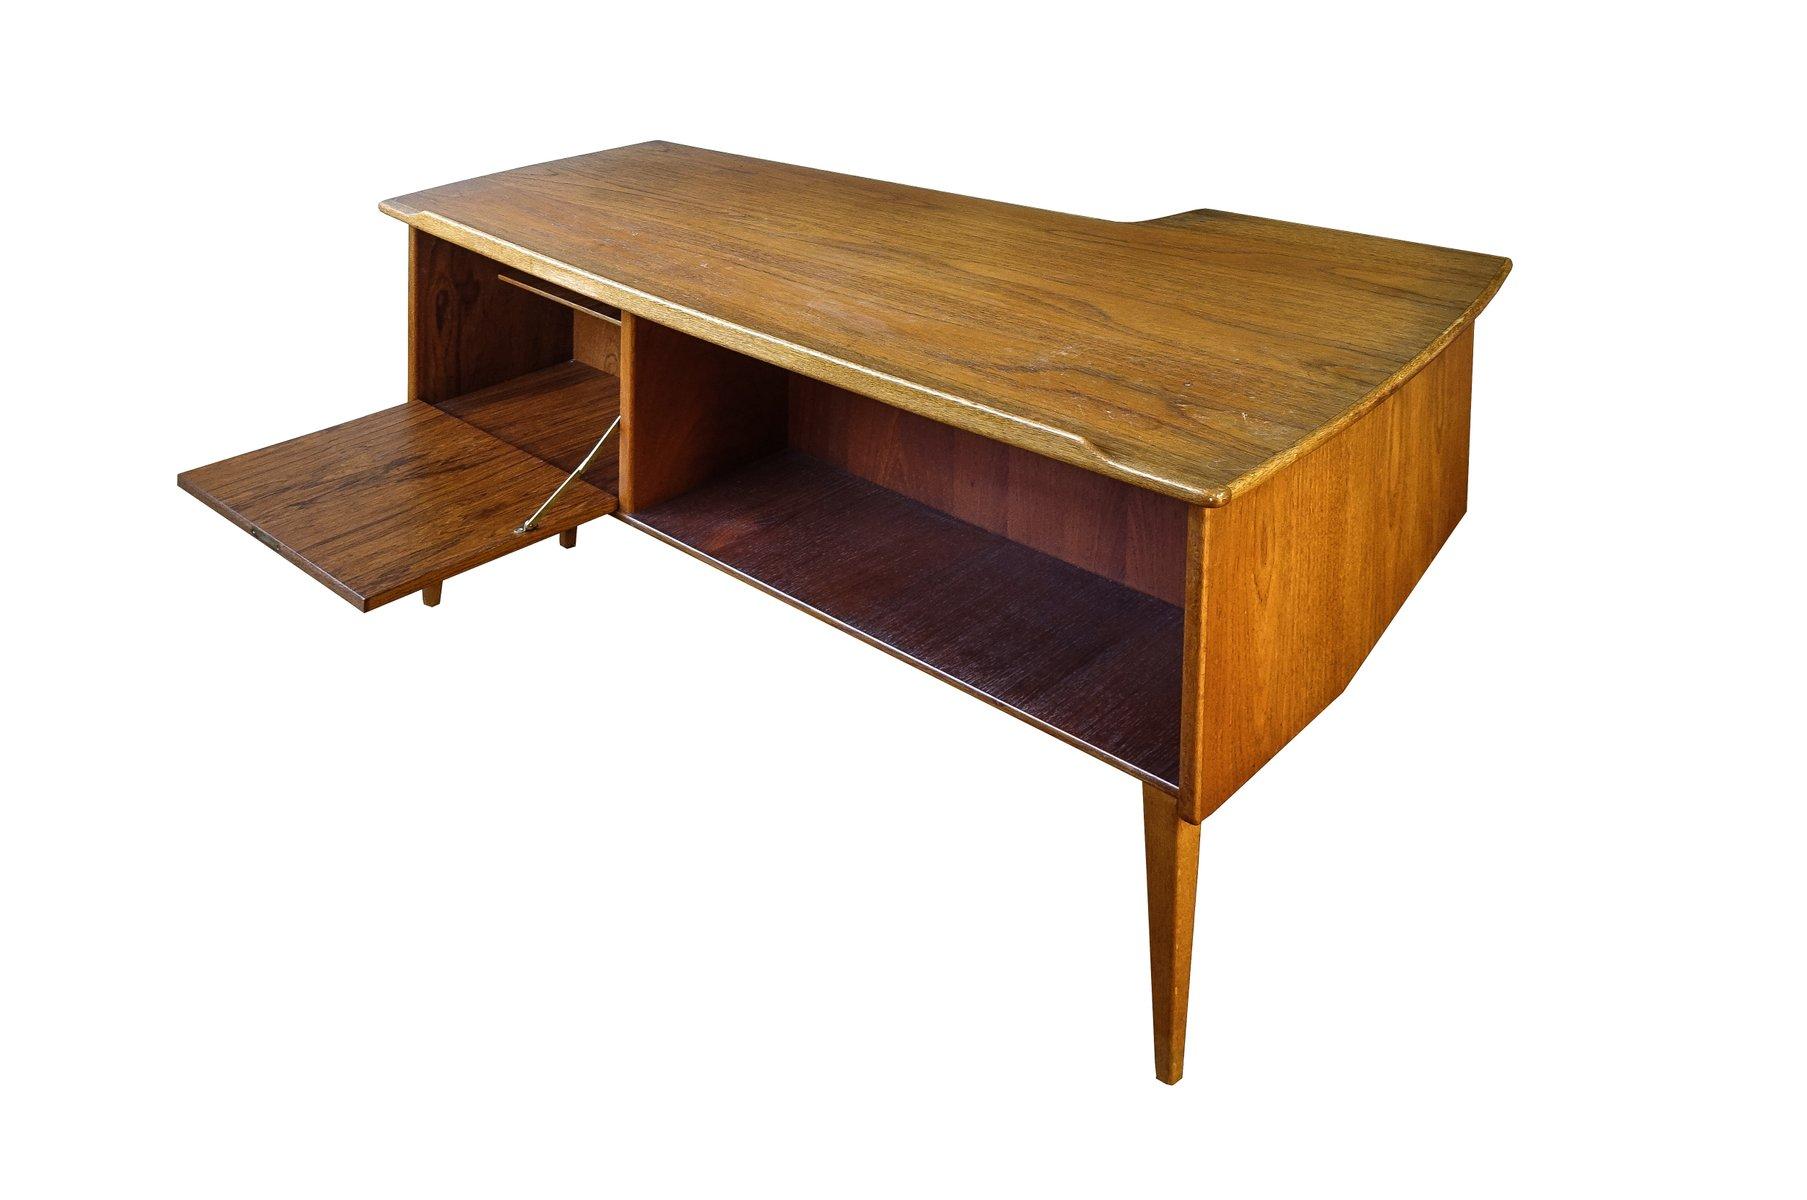 mid century modern bumerang schreibtisch von peter nielsen. Black Bedroom Furniture Sets. Home Design Ideas